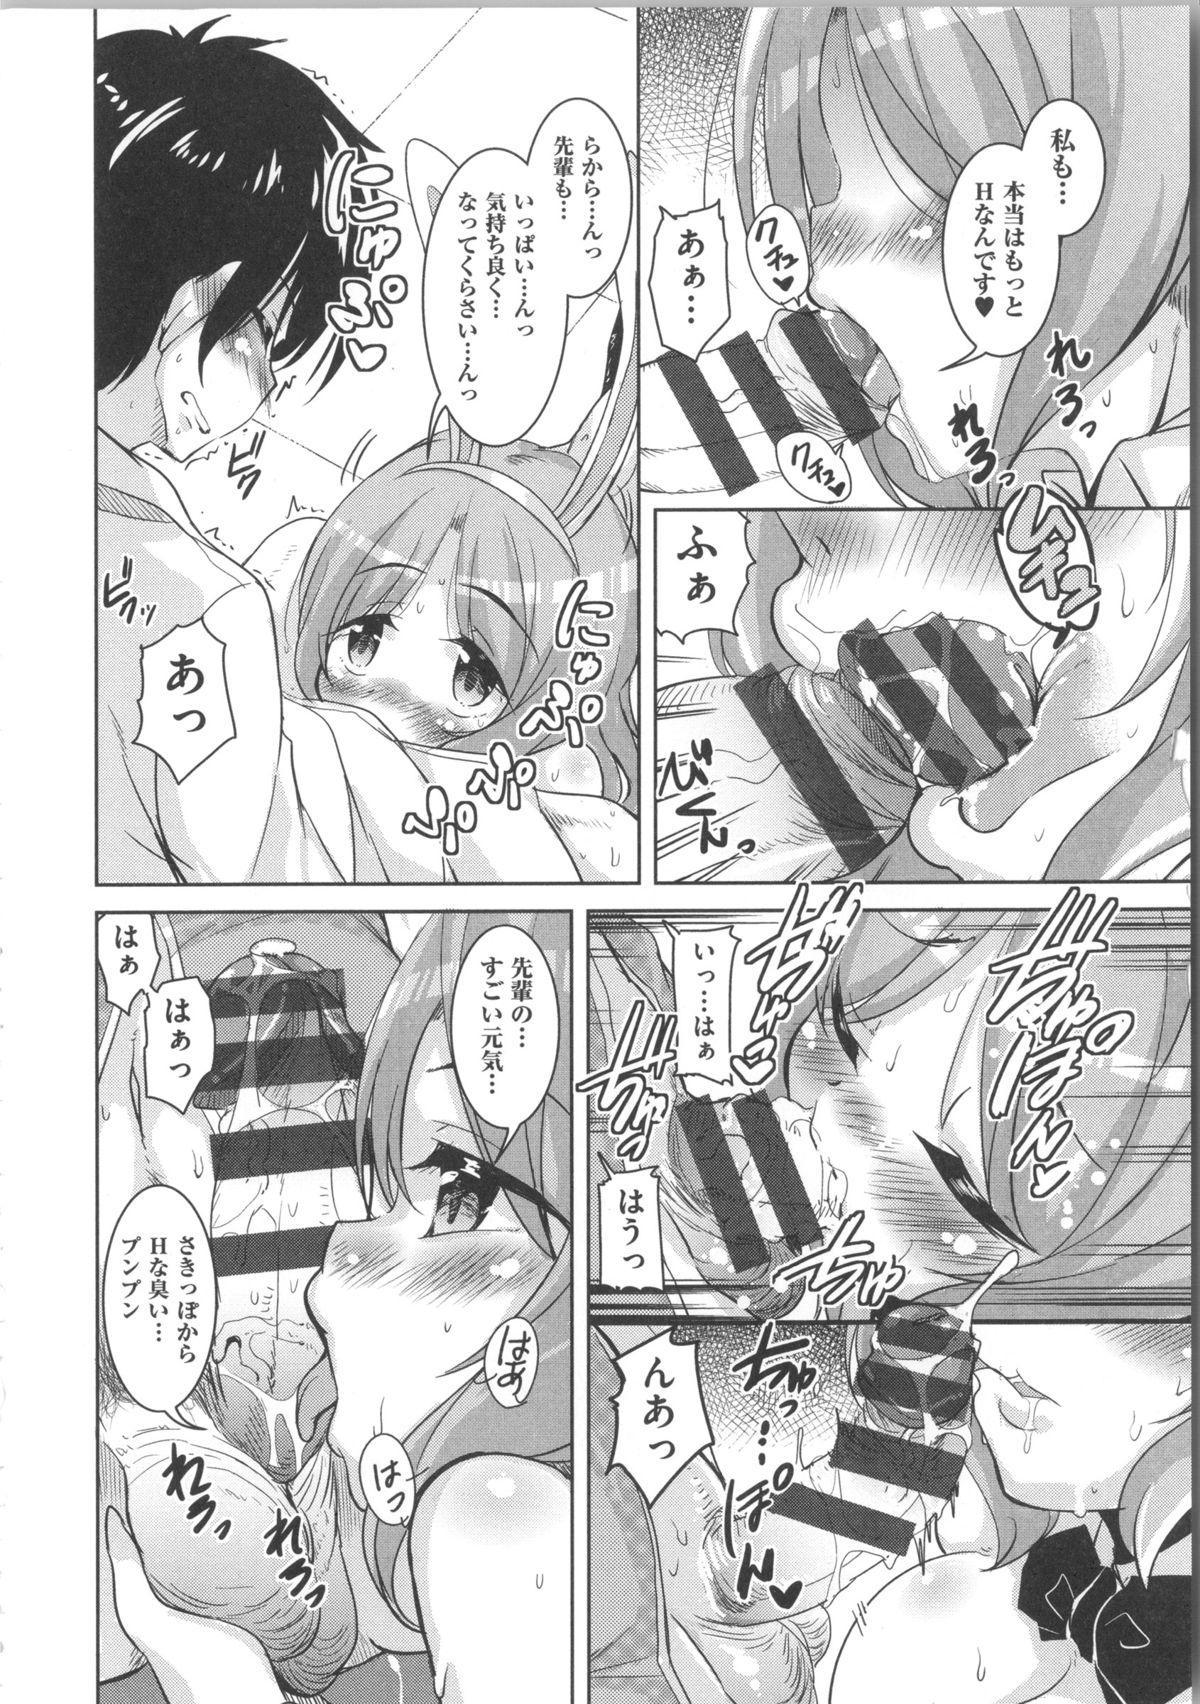 Houkago no Sangatsu Usagi-tachi 13